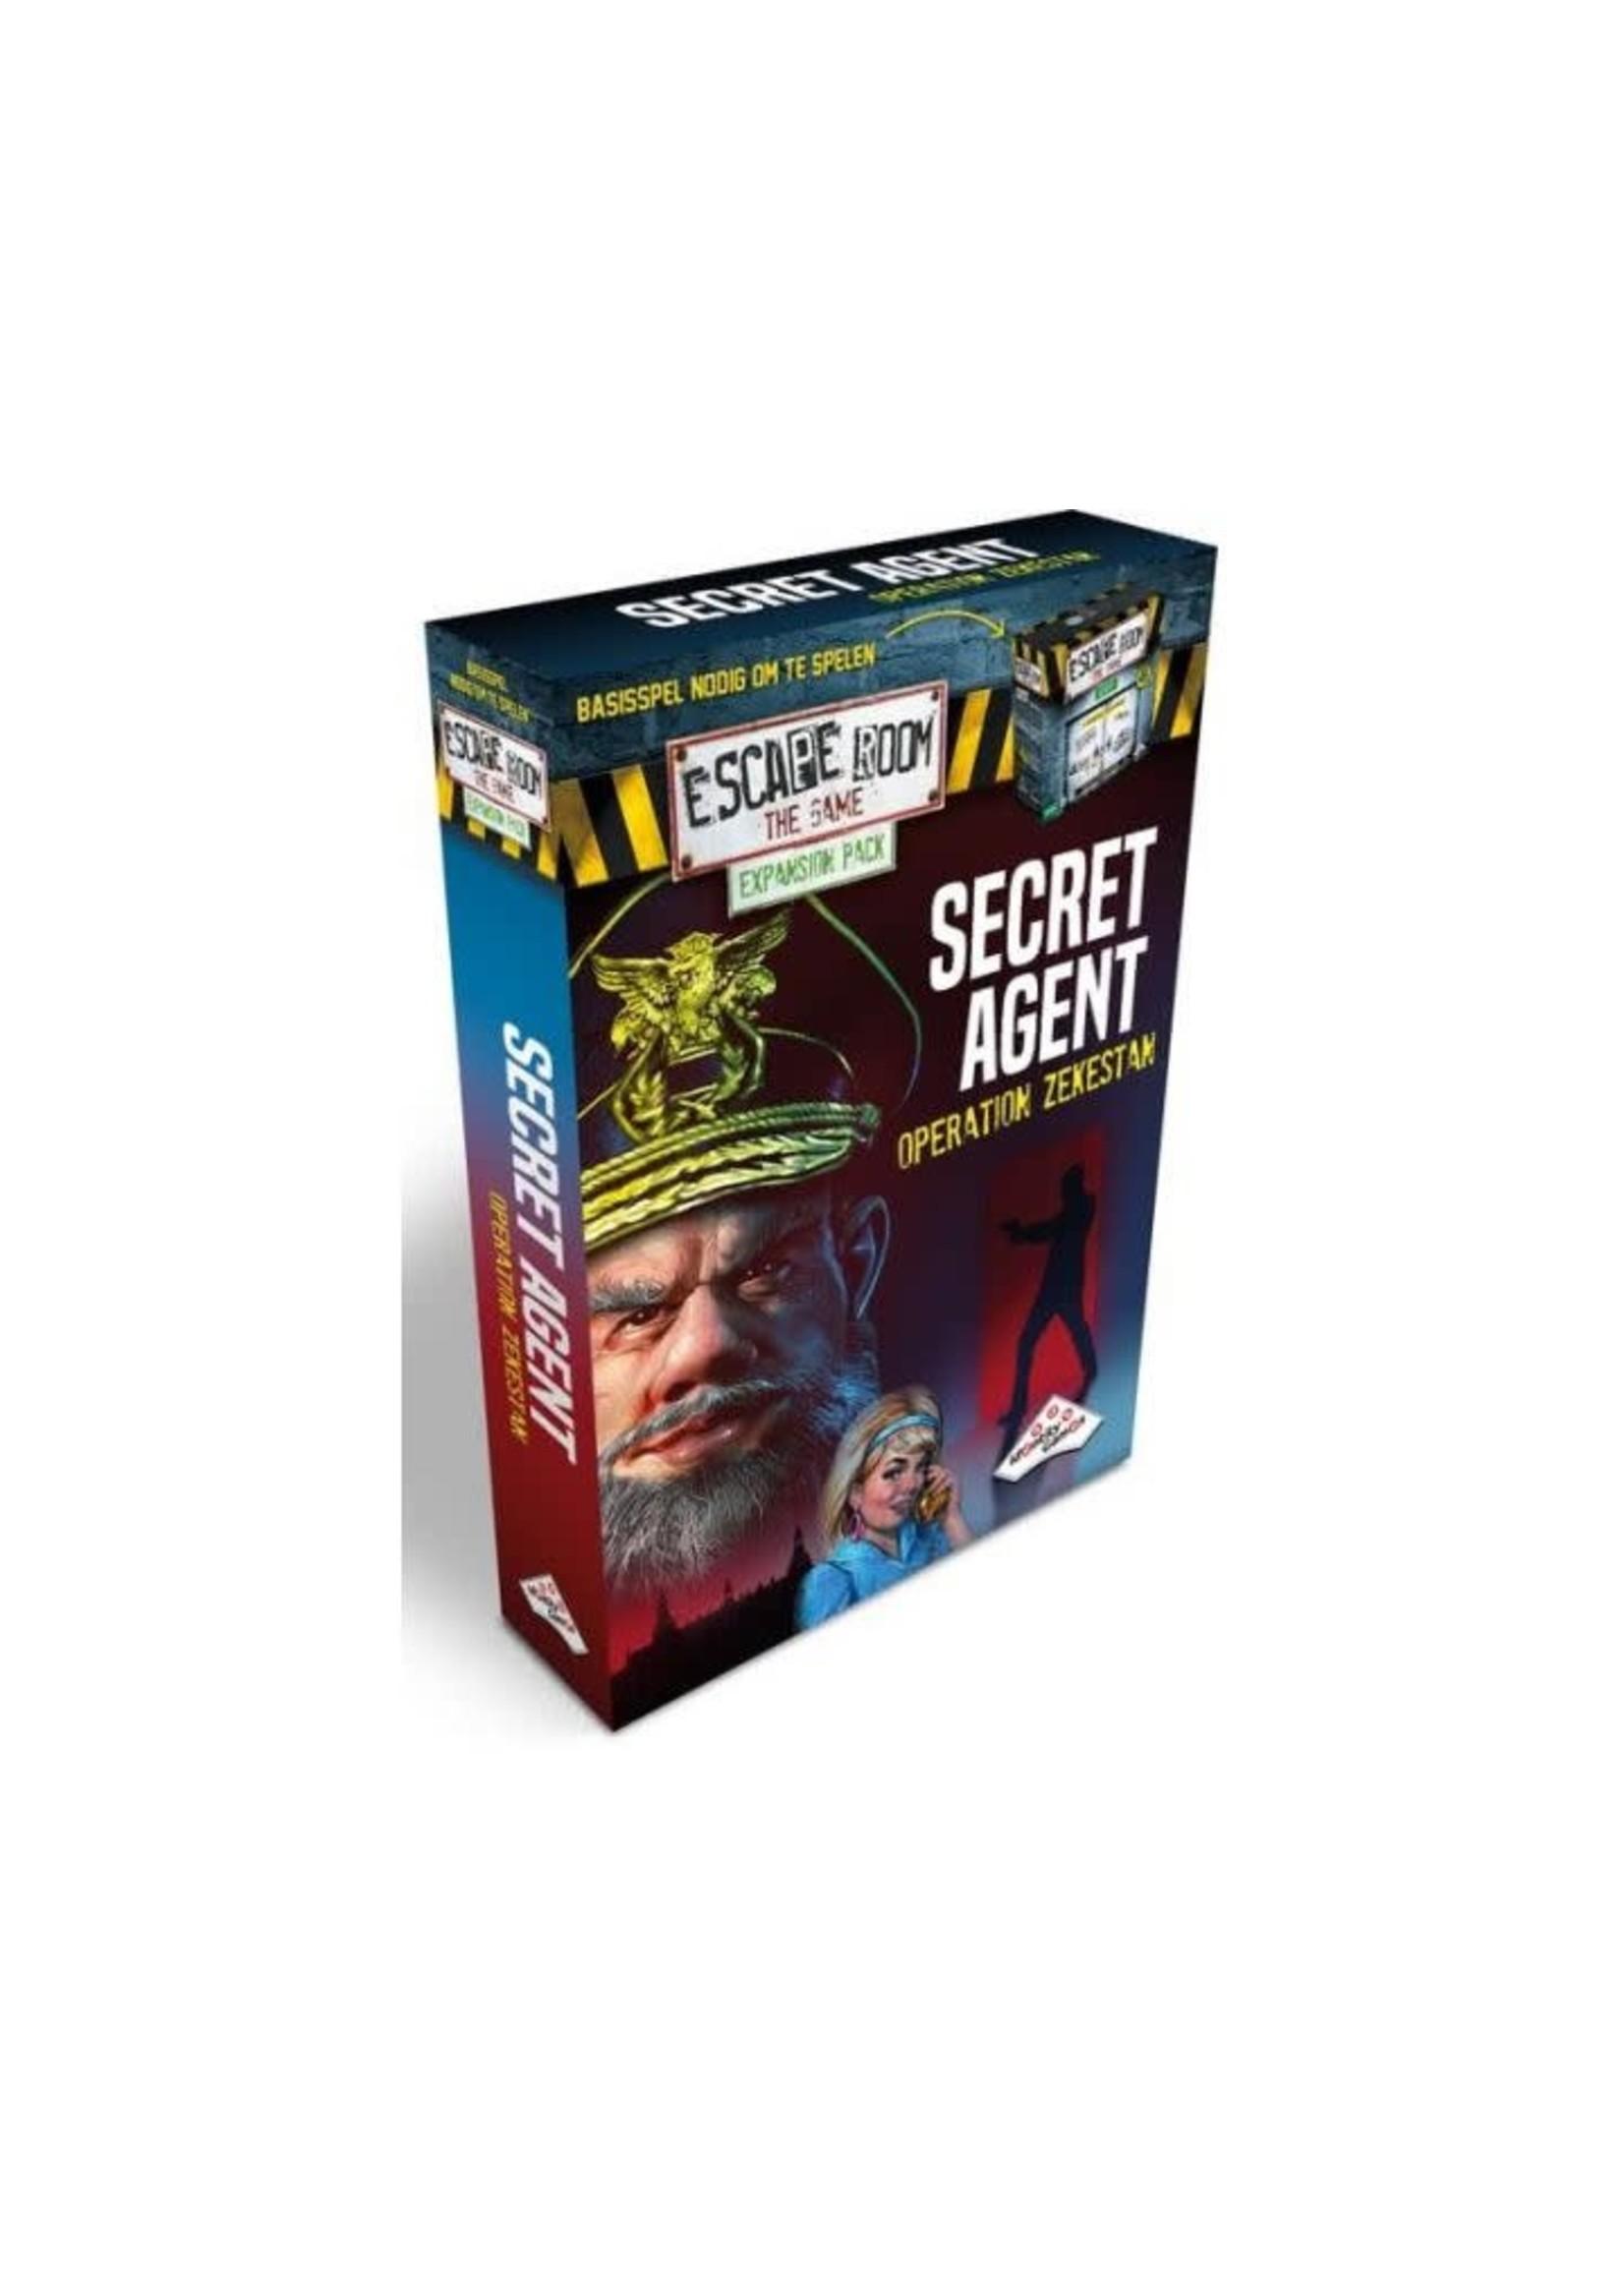 Escape Room The Game Secret Agent Expansion